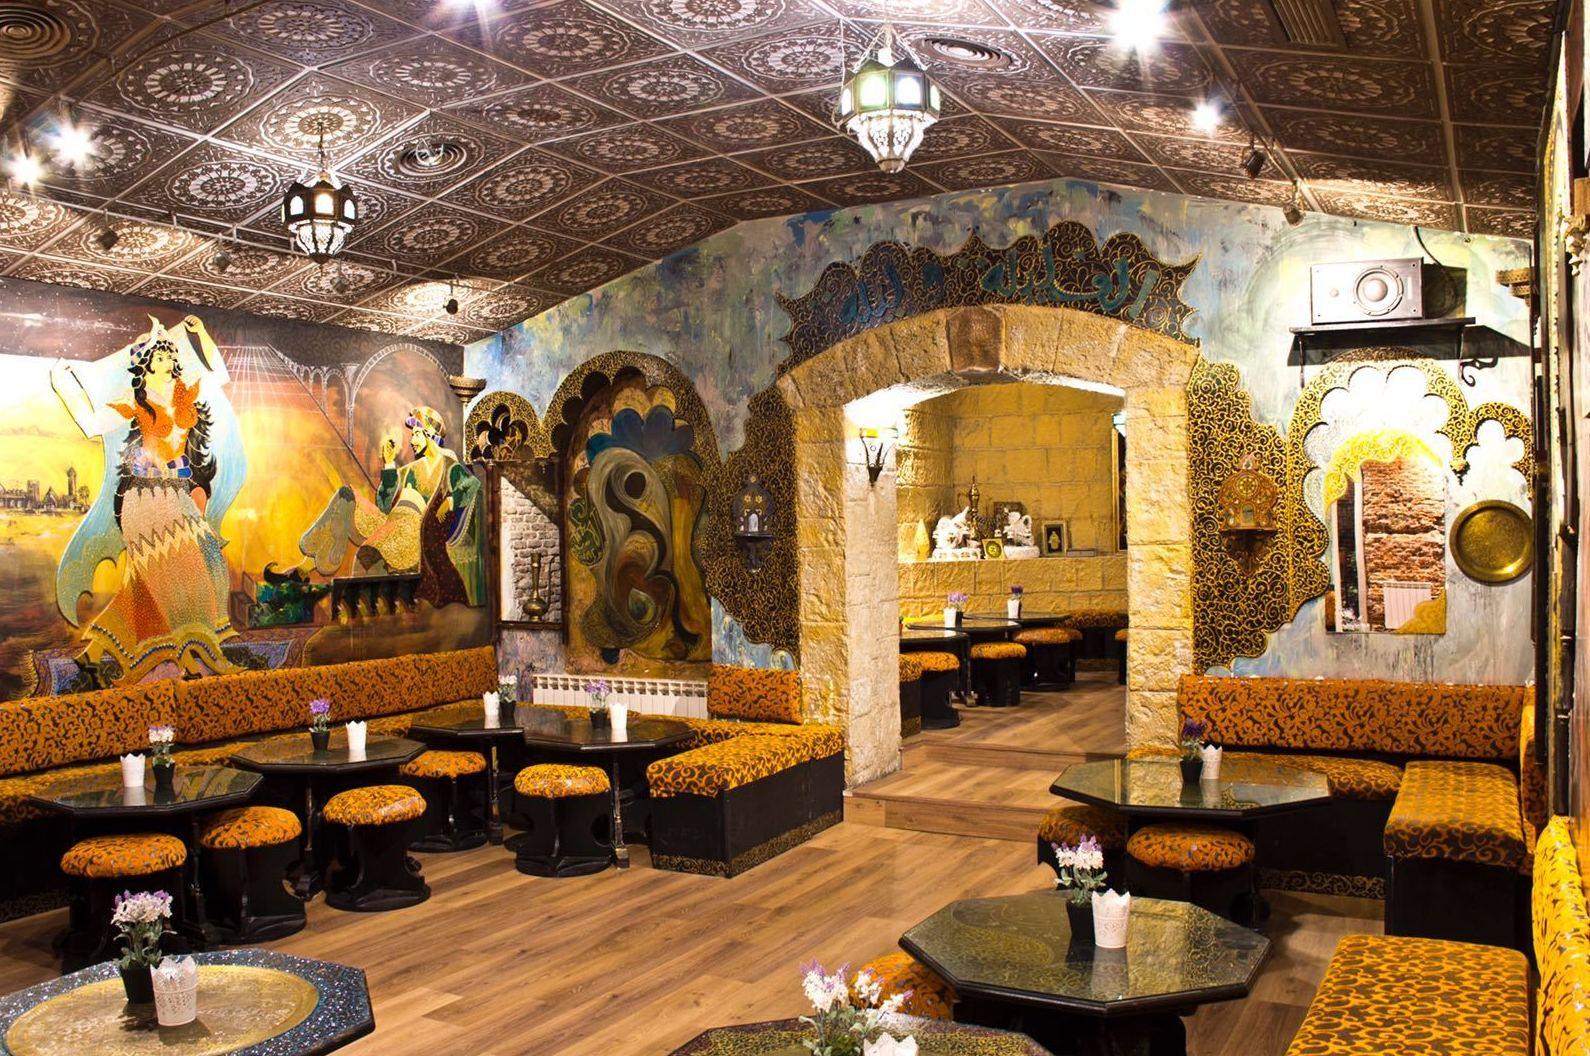 Foto 5 de Cocina árabe en Madrid | Las Mil y una Noches